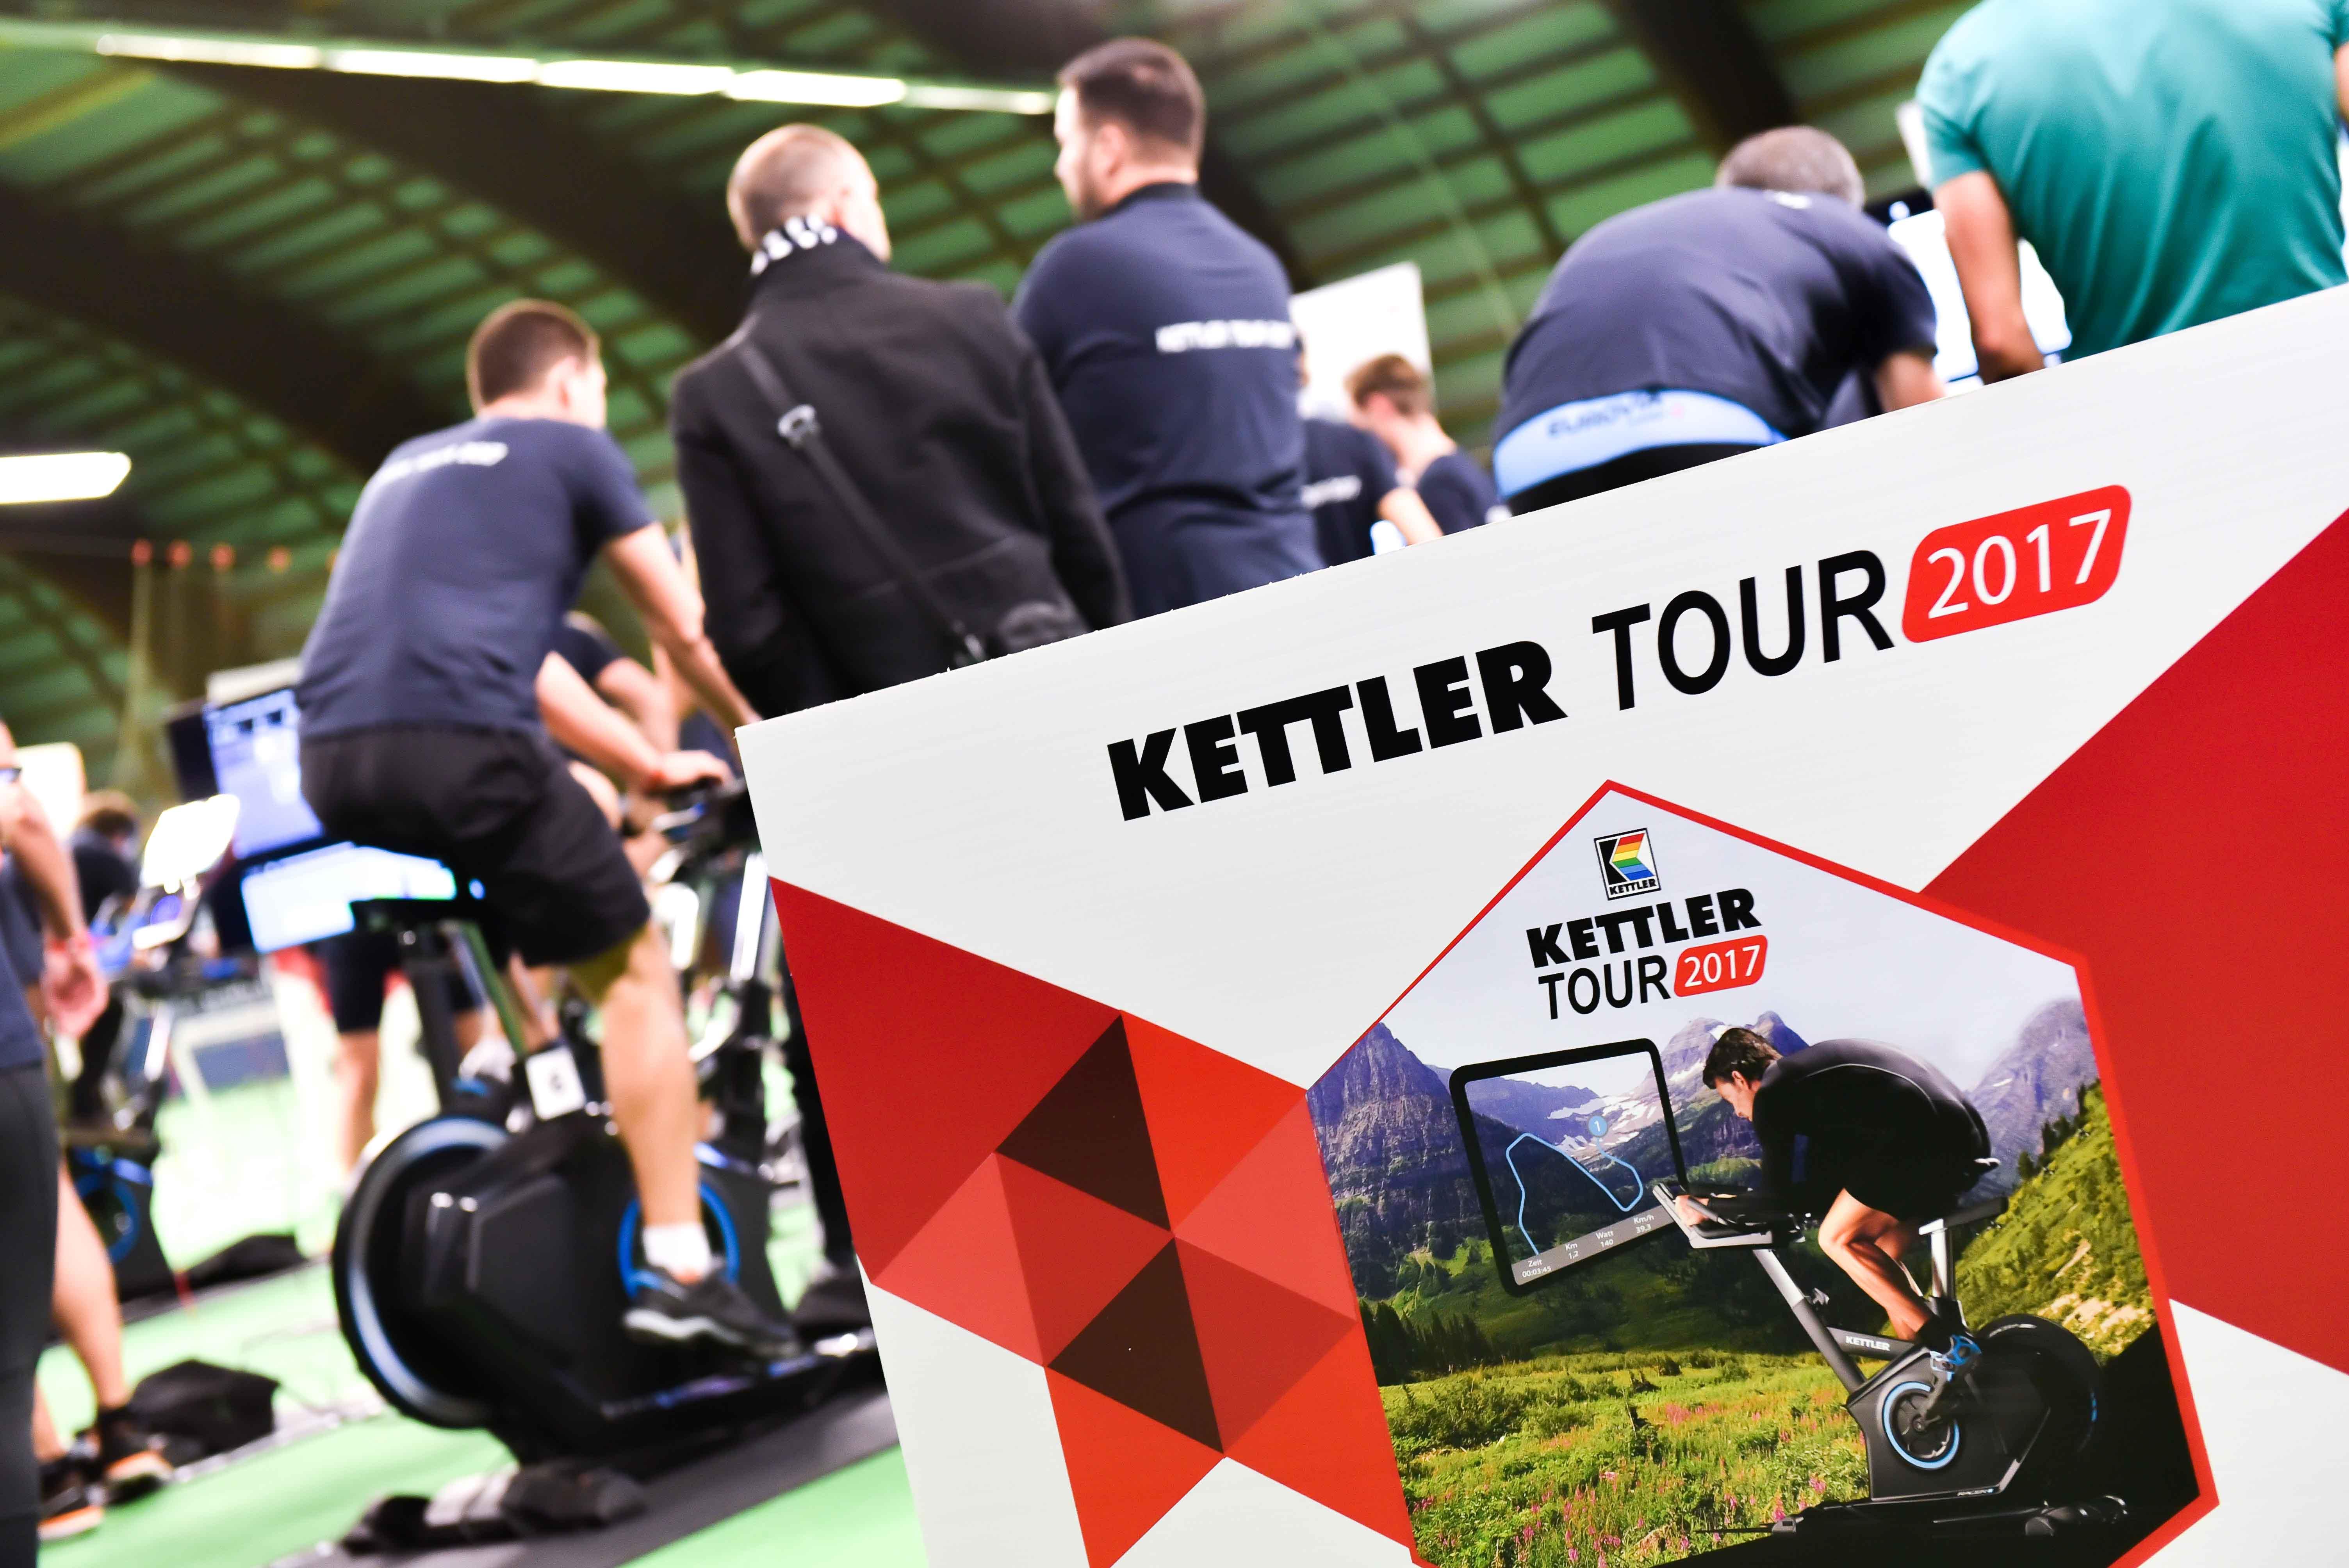 Kettler Tour